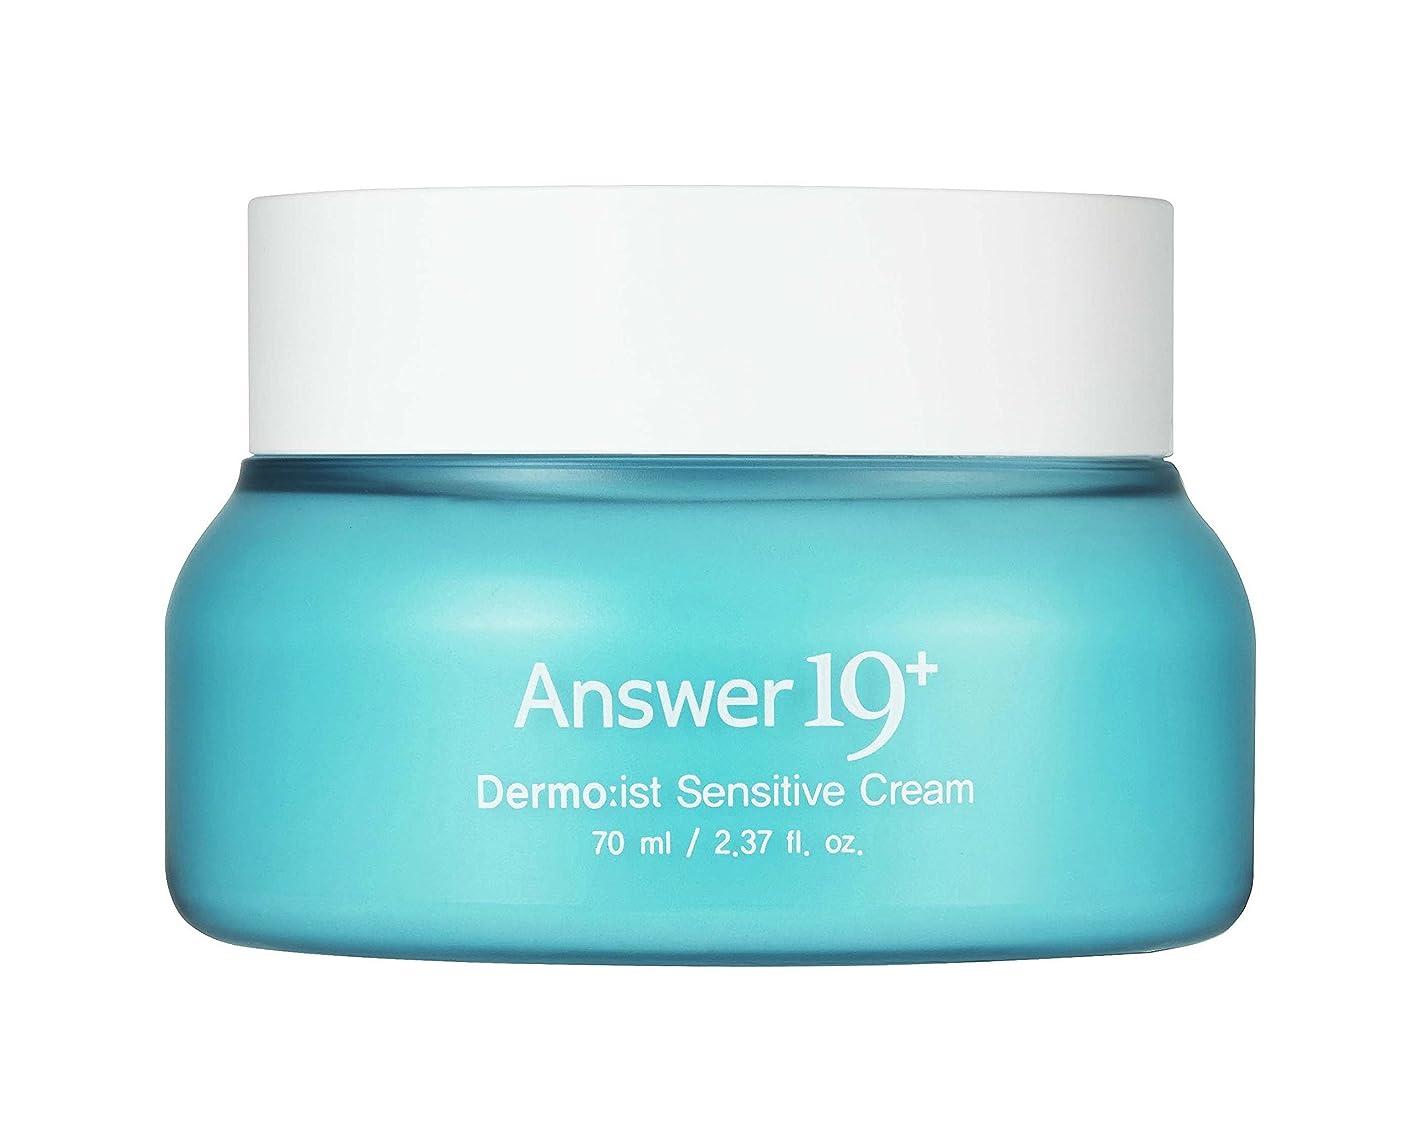 タイムリーな北米ブレース[ANSWER NINETEEN +] 感受性クリーム - 敏感肌のための深いモイスチャライジング、鎮静効果。 天然スーパーフード成分、パンテノール(ビタミンB5)、ベータグルカン、ヒアルロン酸、70ml